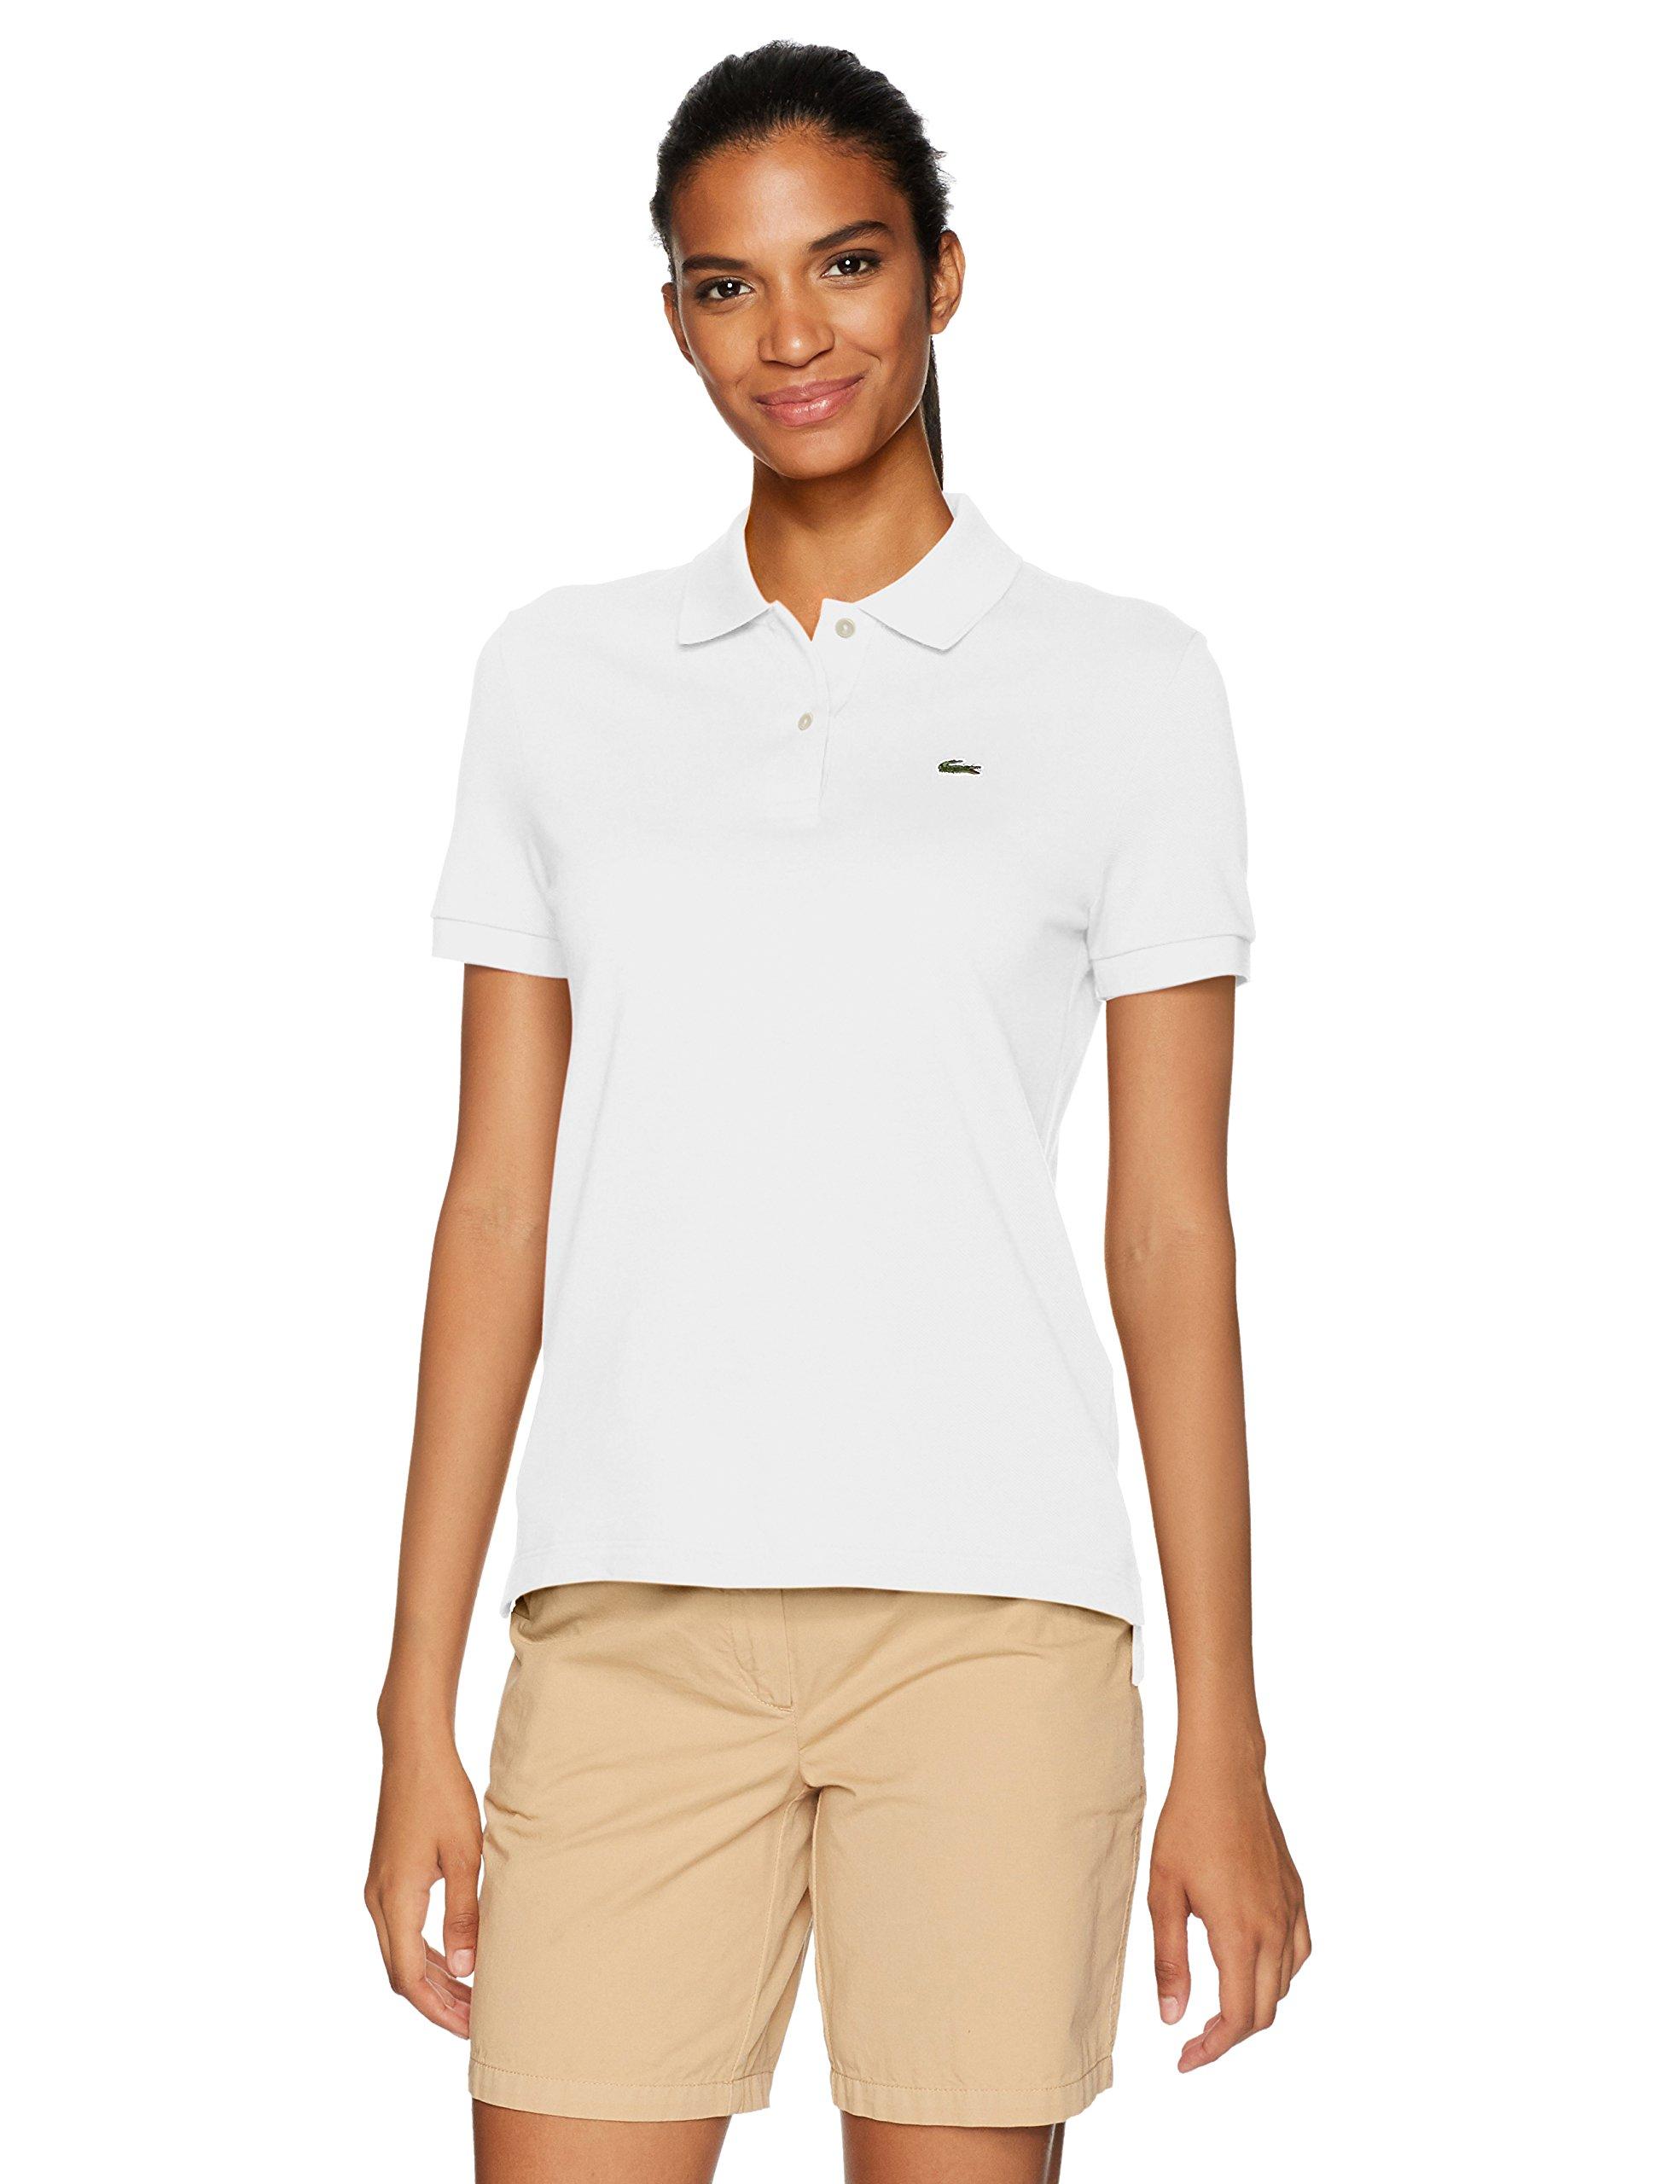 Lacoste Women's Classic Fit Short Sleeve Soft Cotton Petit Piqué Polo, White, 36/US 4